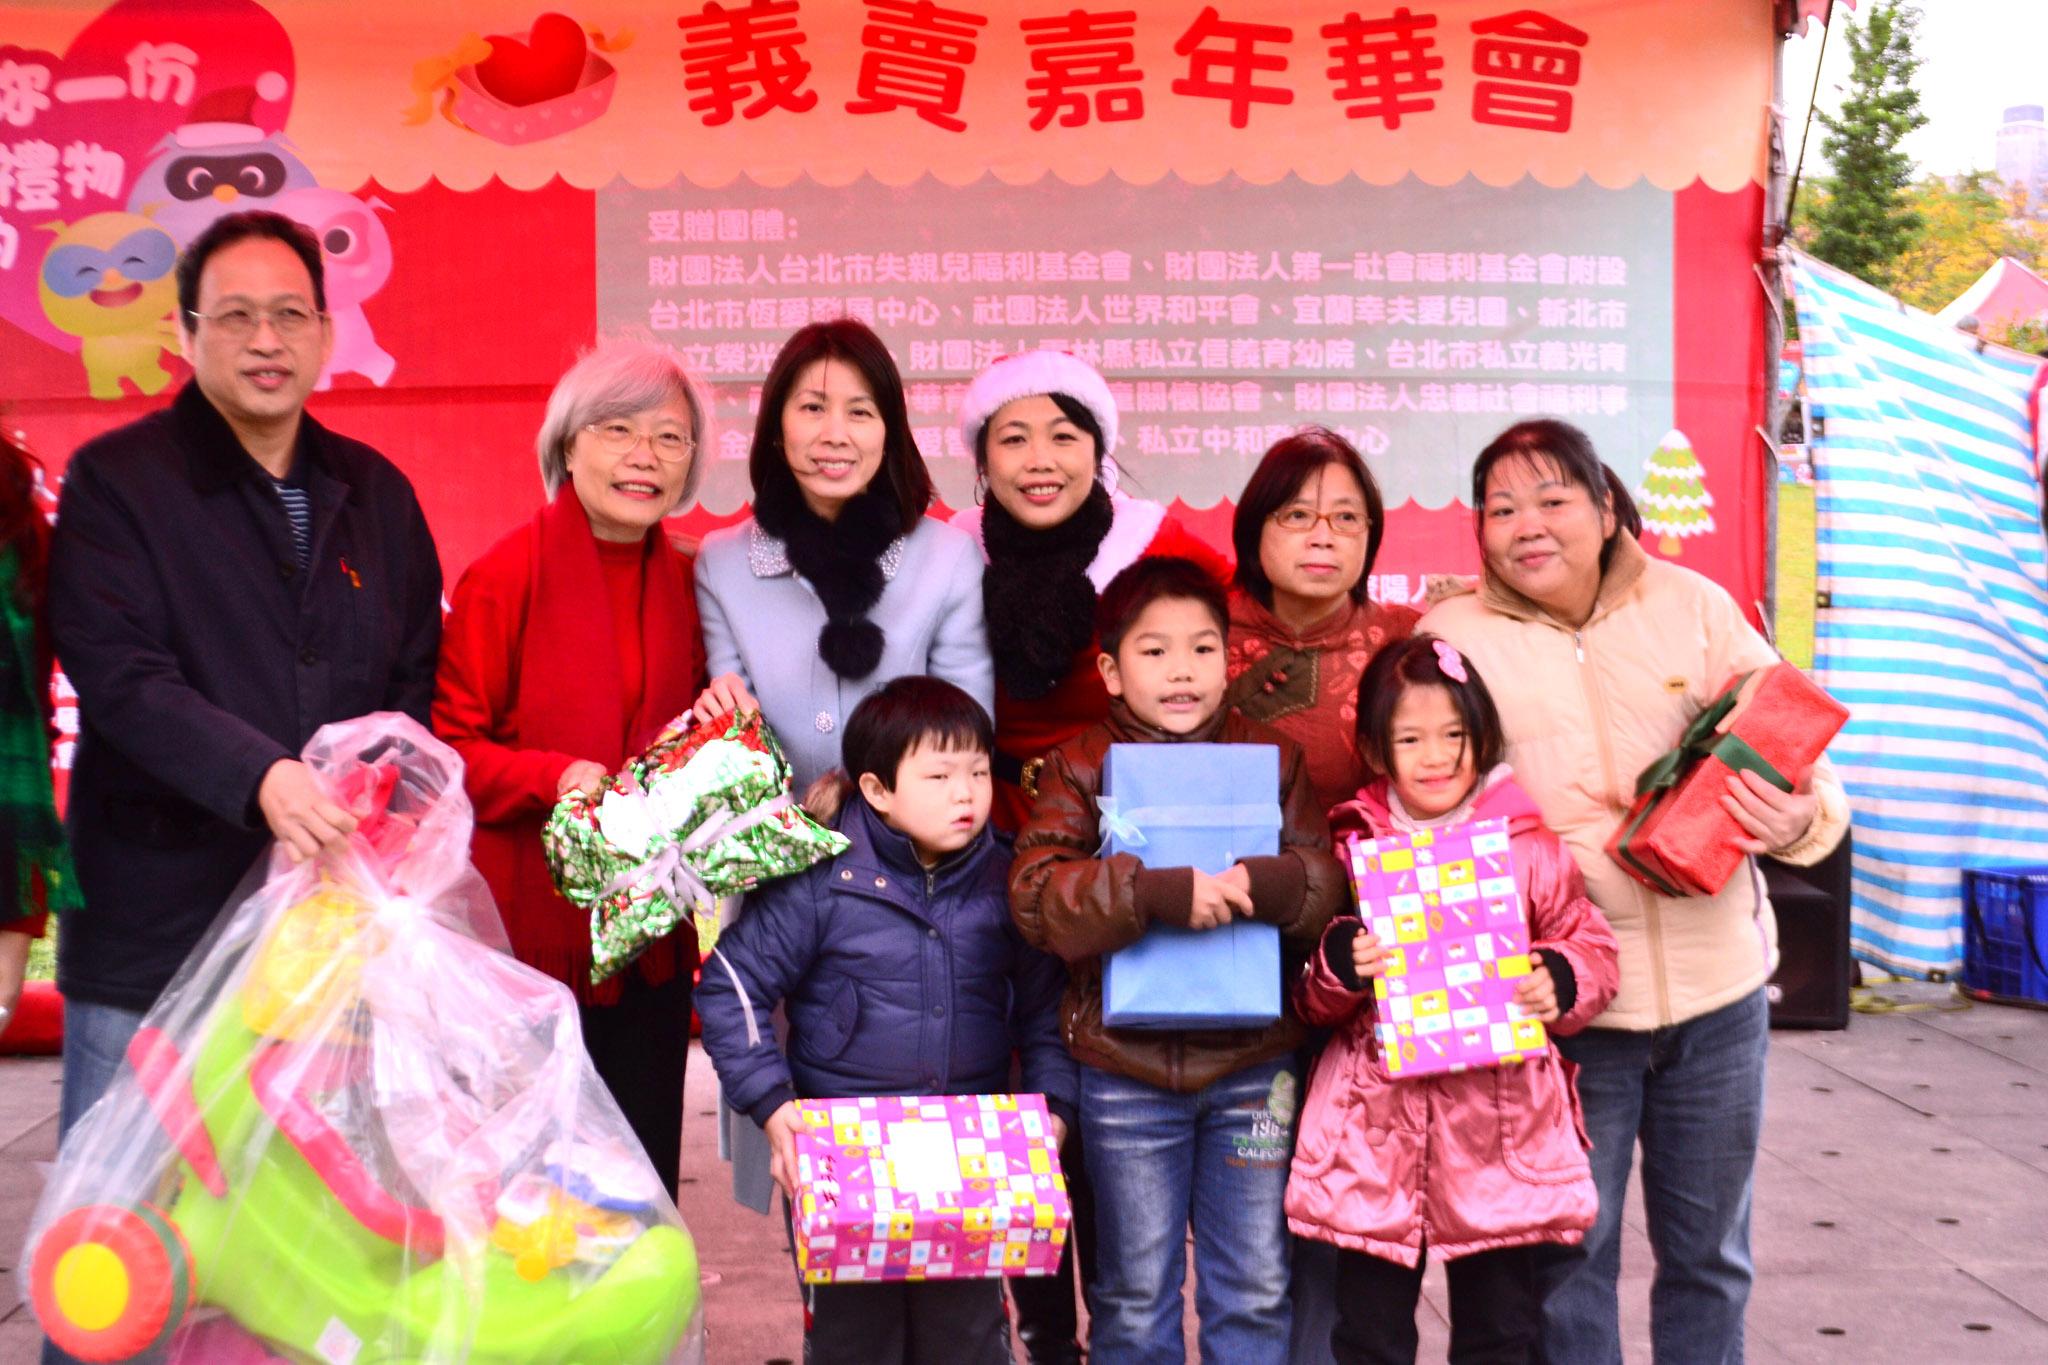 透過嘉年華會將善心人士準備的聖誕禮物送給小朋友。